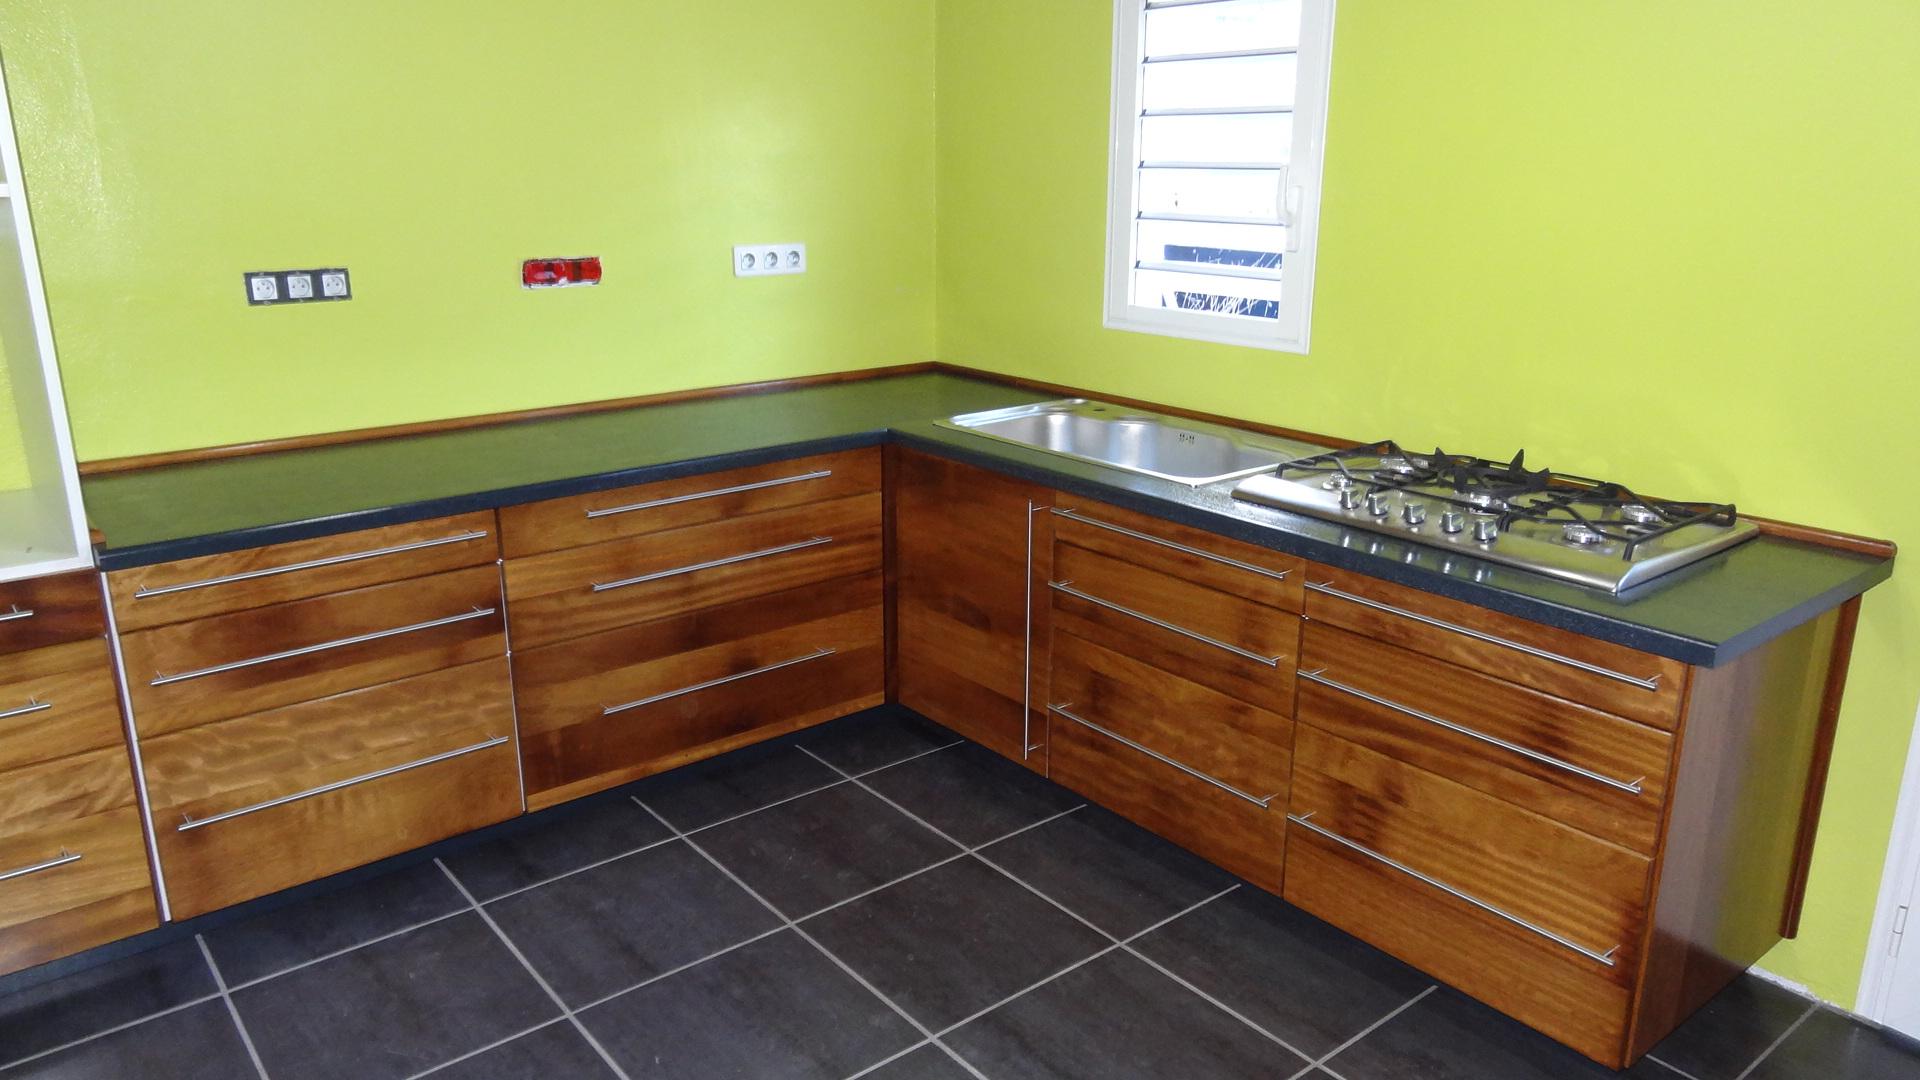 Nouvelle petite cuisine meuble design cr ation for Meuble petite cuisine